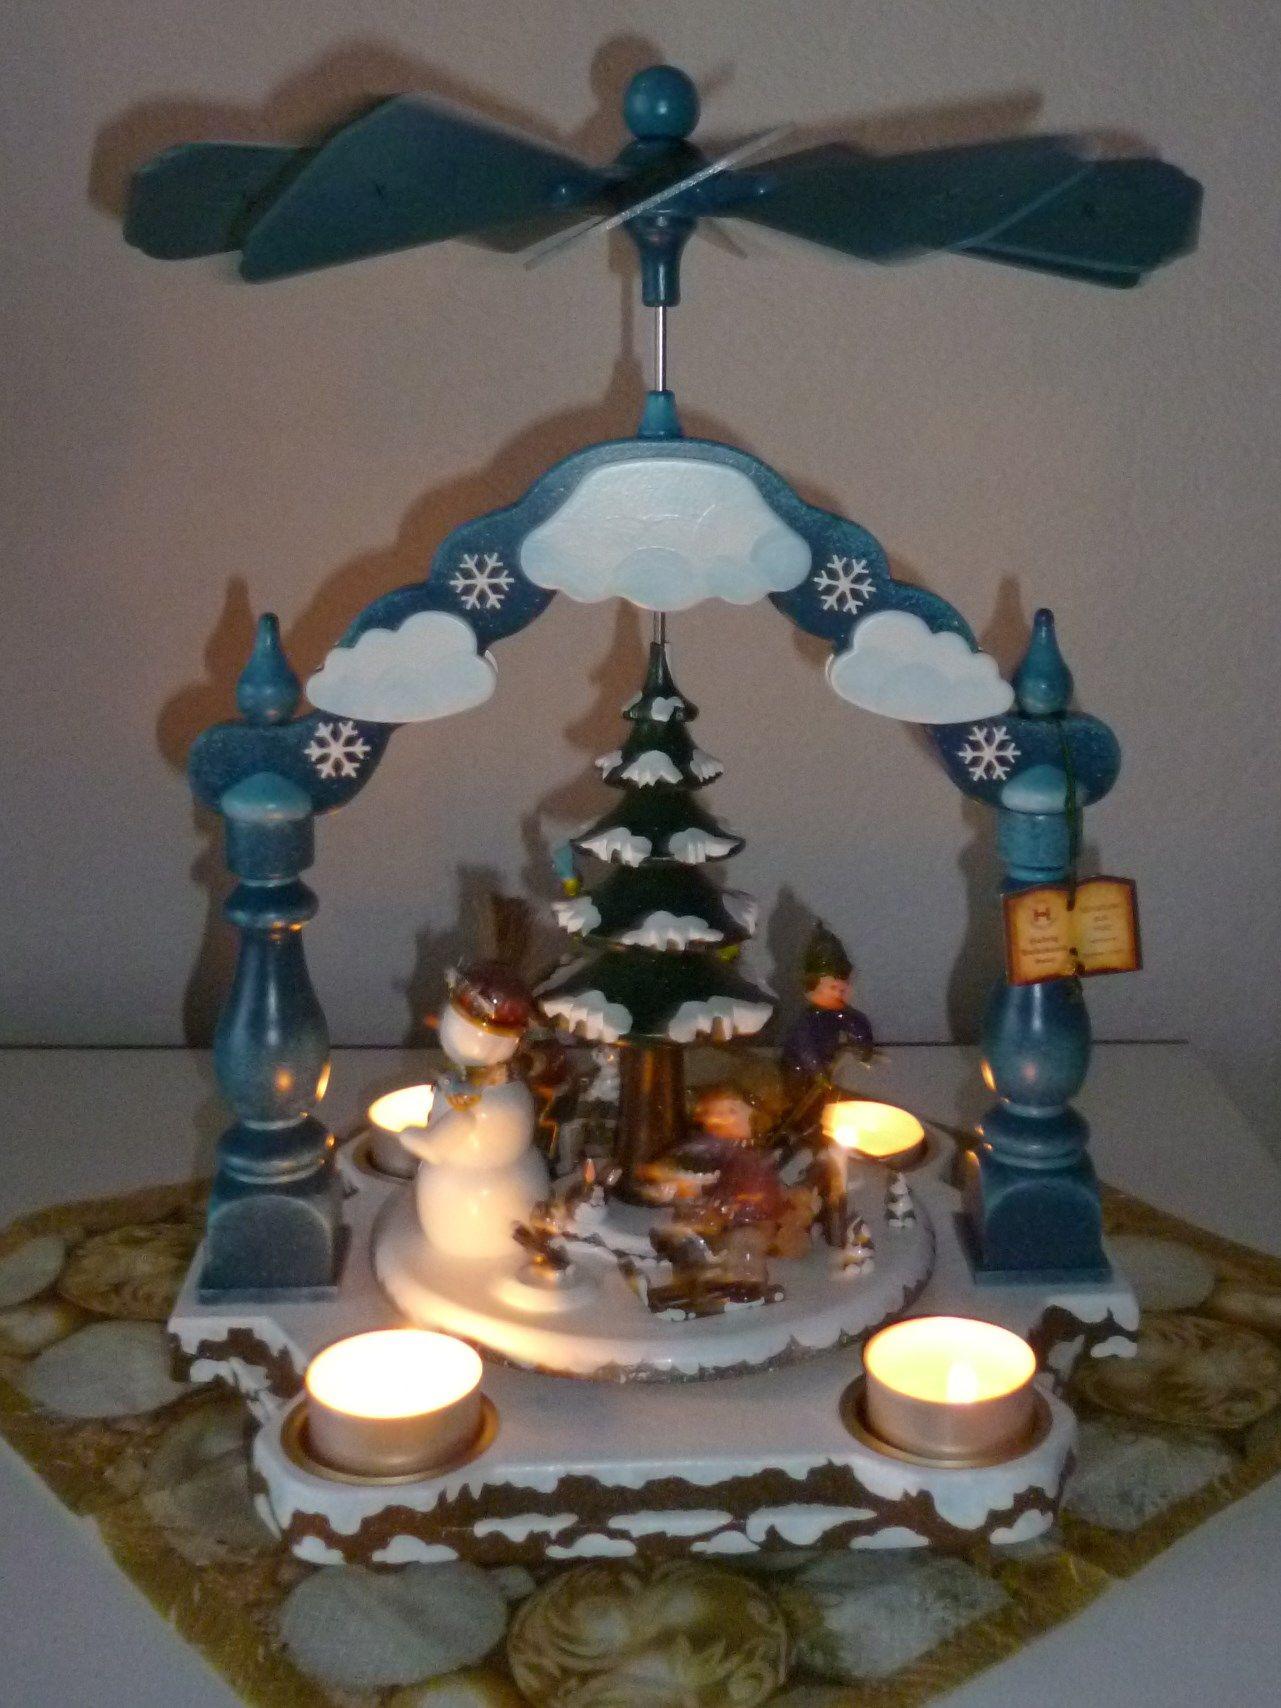 Engel Drilling Deko 3 in 1 Stern Herz Blume  26 cm Engel Nostalgie Weihnacht 20